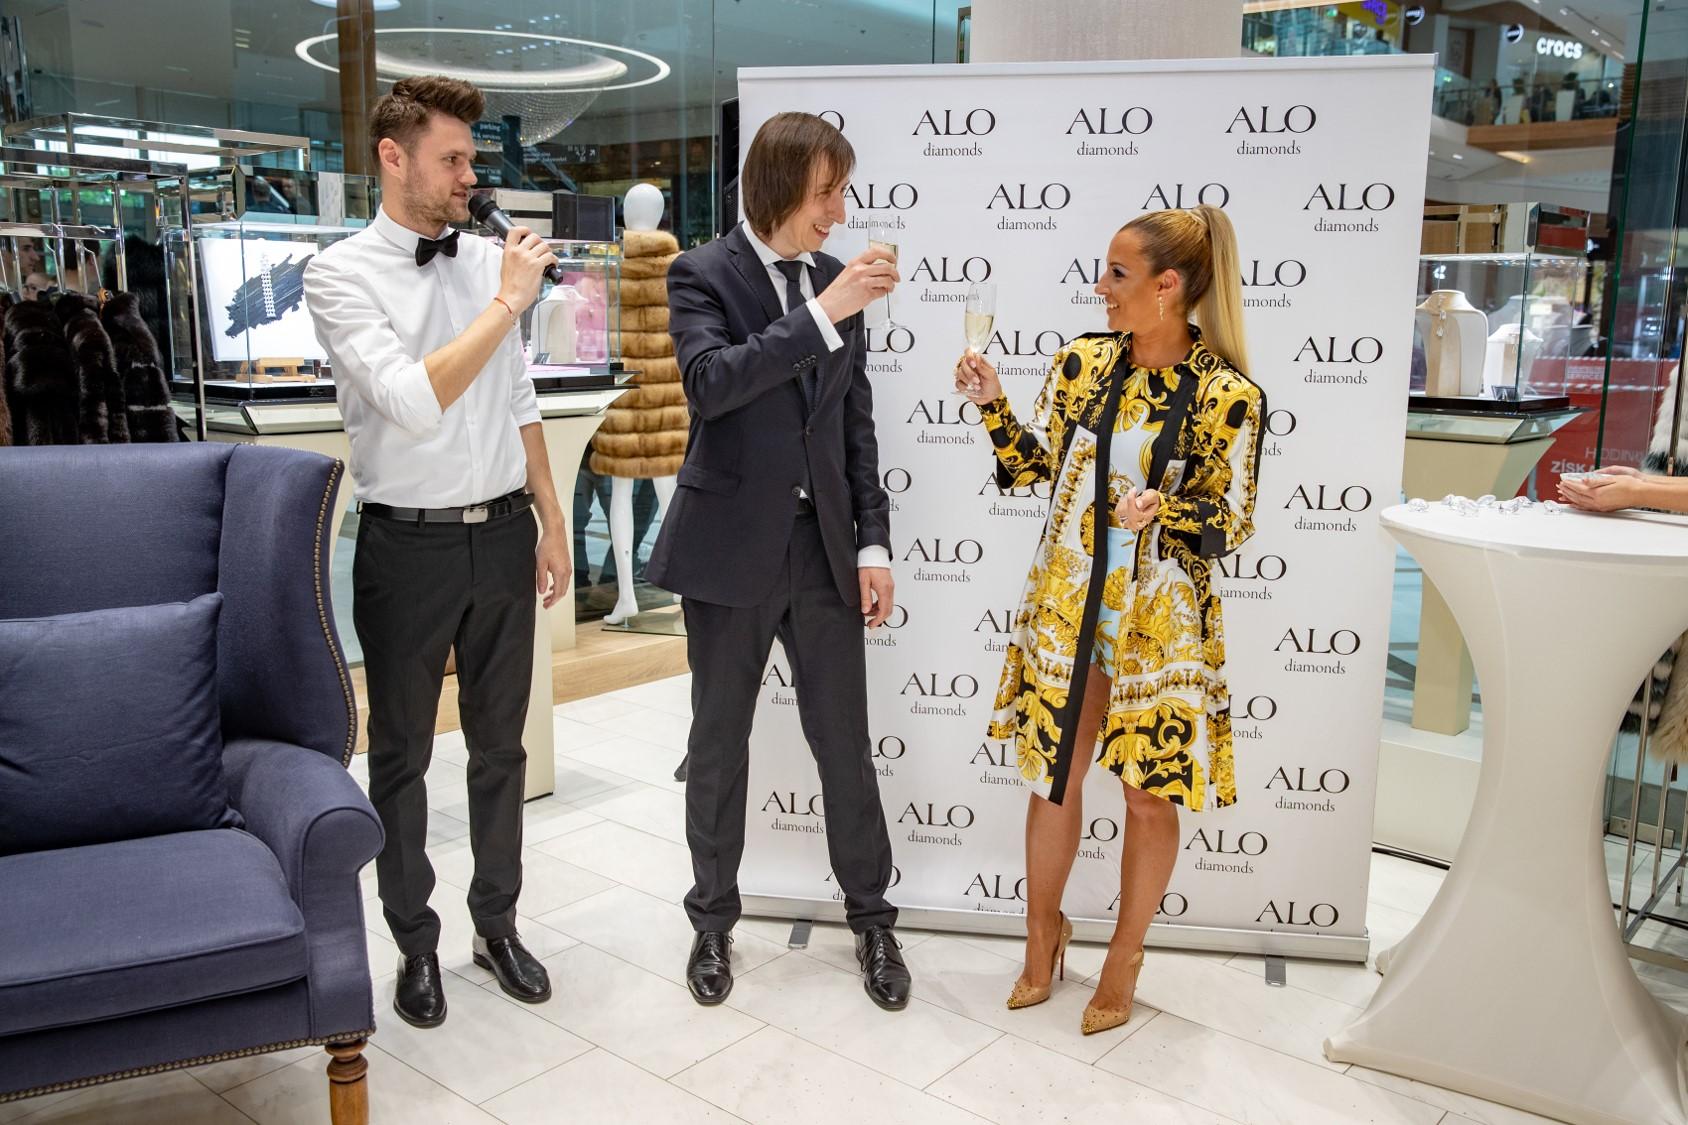 56b8a858b01c Dominika Cibulková pokrstila nový butik ALO diamonds!!! V akom ...